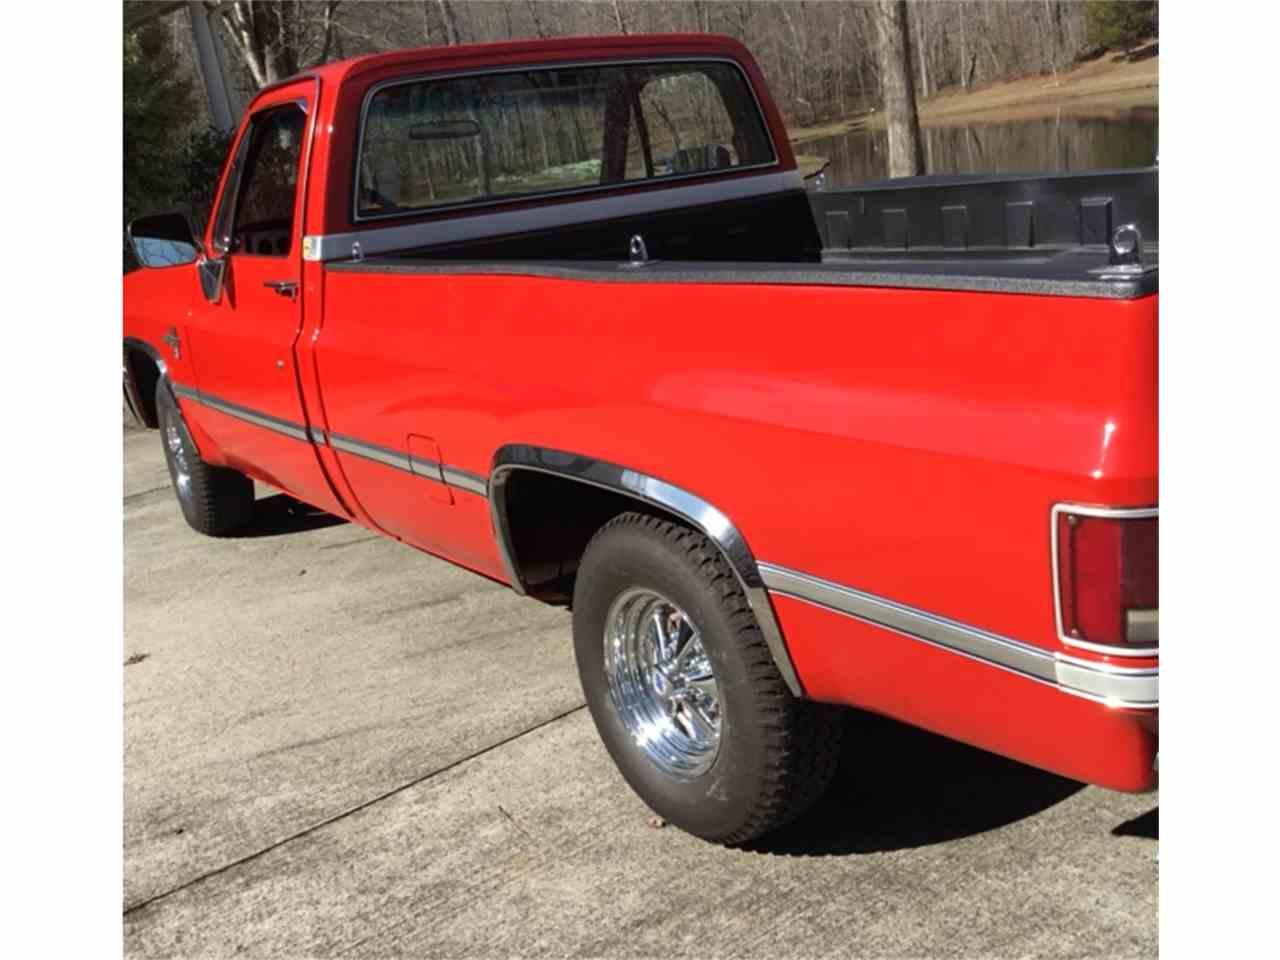 Large Picture of '85 Chevrolet Silverado located in North Carolina - $19,500.00 - L1W3